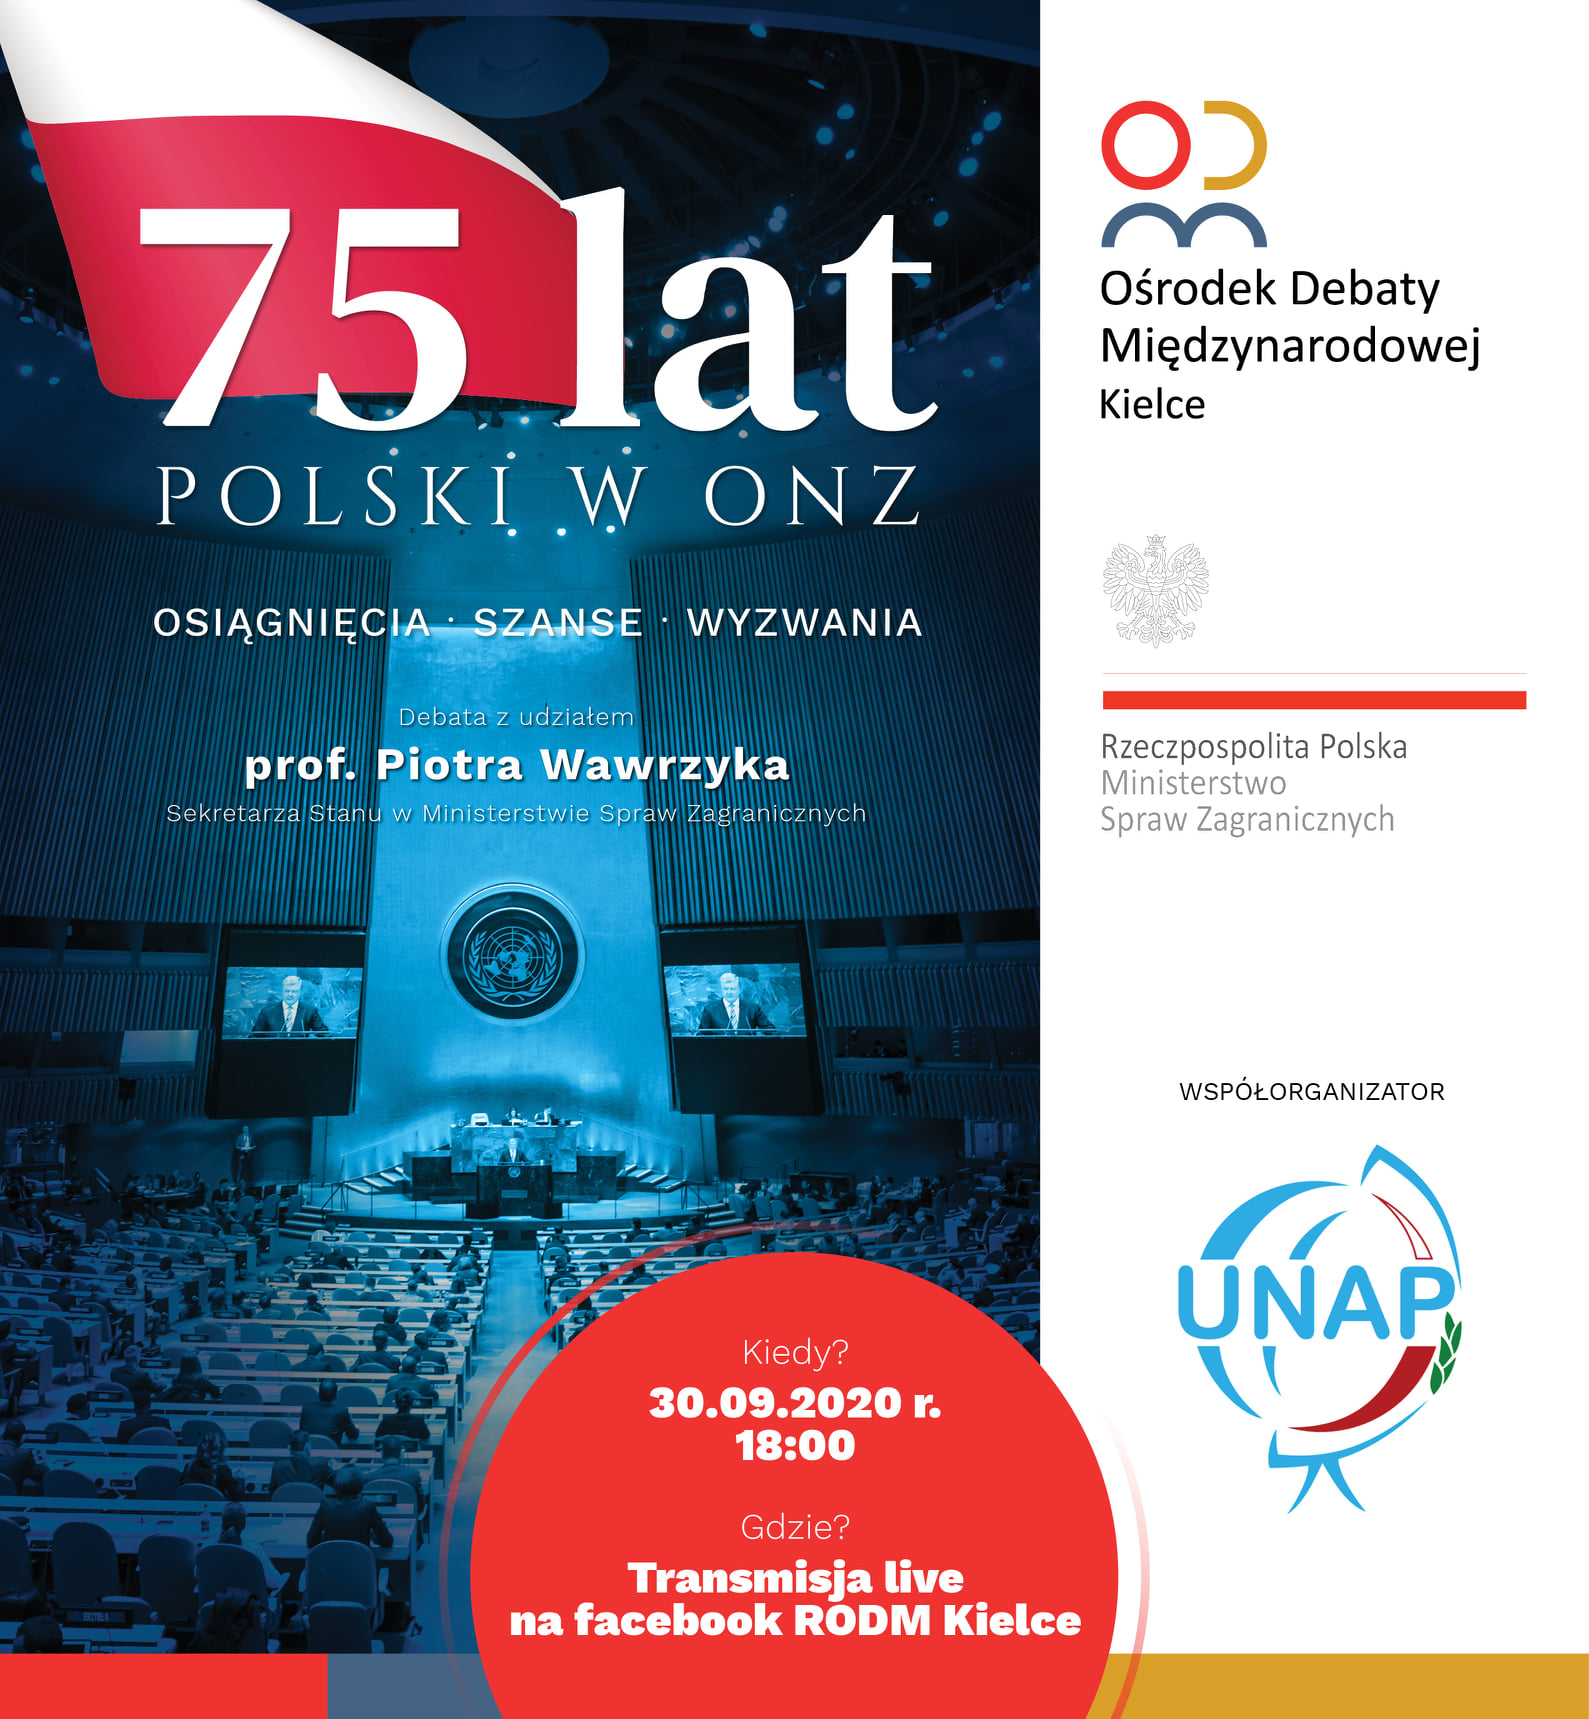 Kolejna debata-75 lat Polski w ONZ – osiągnięcia, szanse, wyzwania